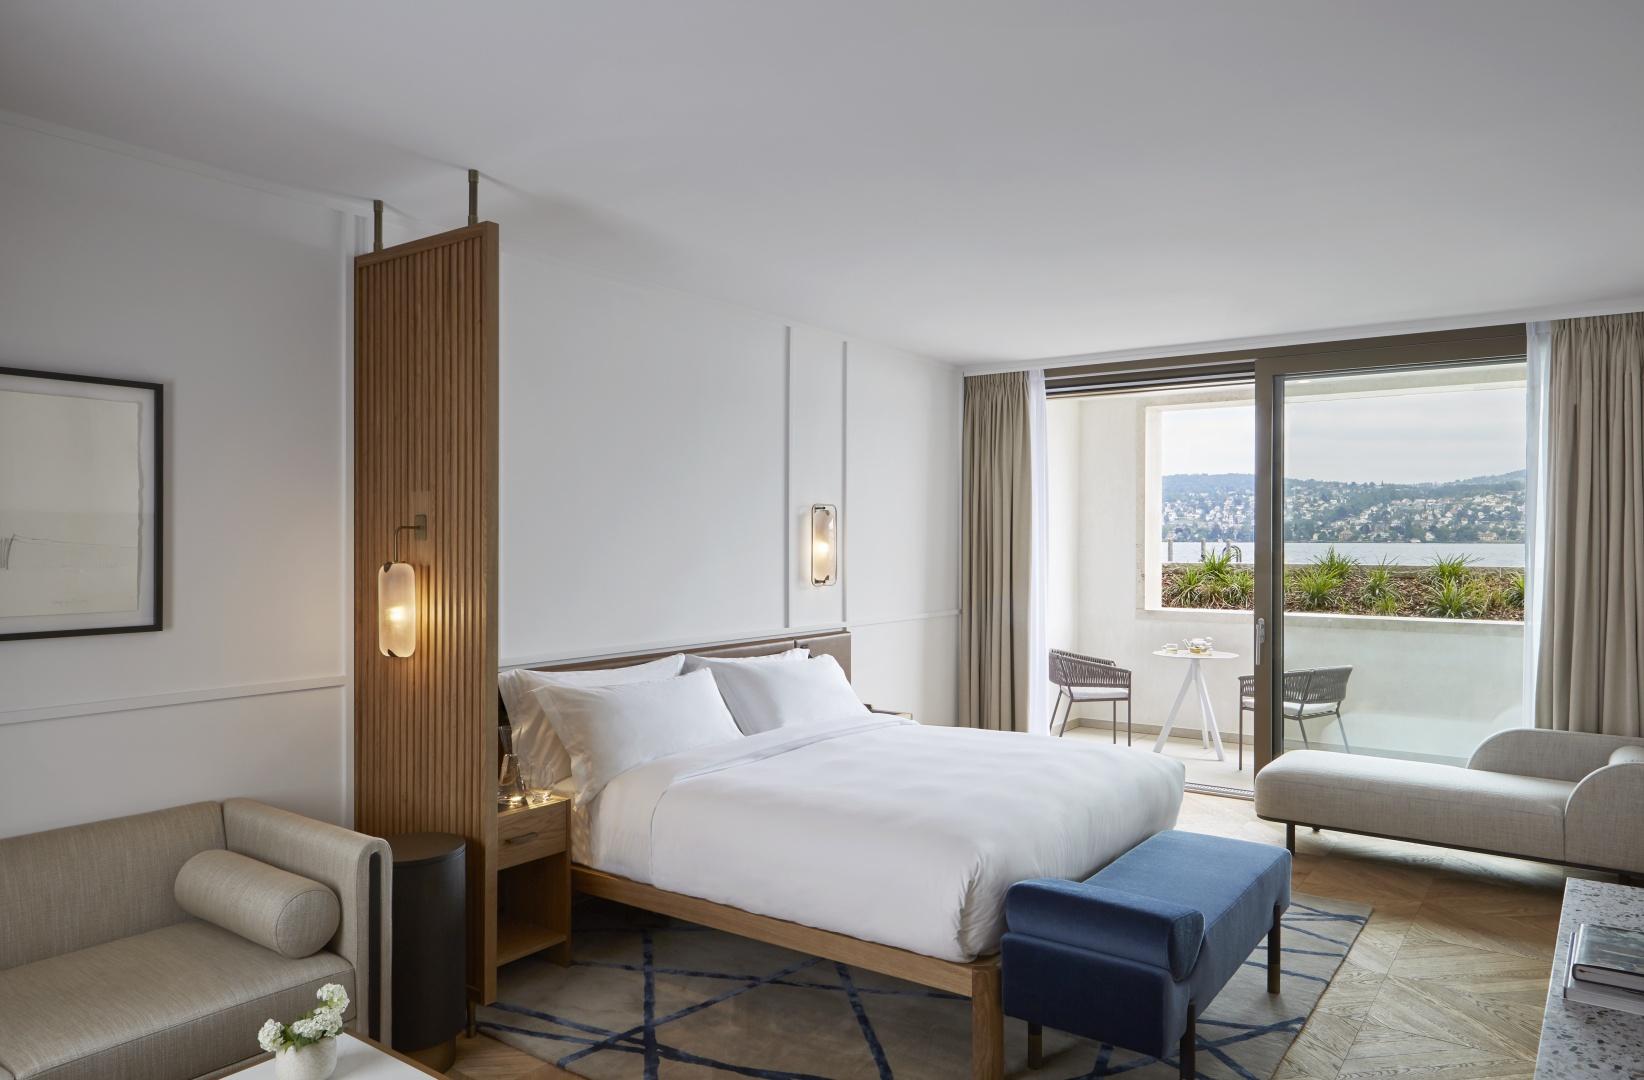 Toutes les suites et les lofts du penthouse sont orientés vers le  lac, éliminant ainsi les éventuelles nuisances sonores de la rue  derrière l'hôtel. © James McDonald